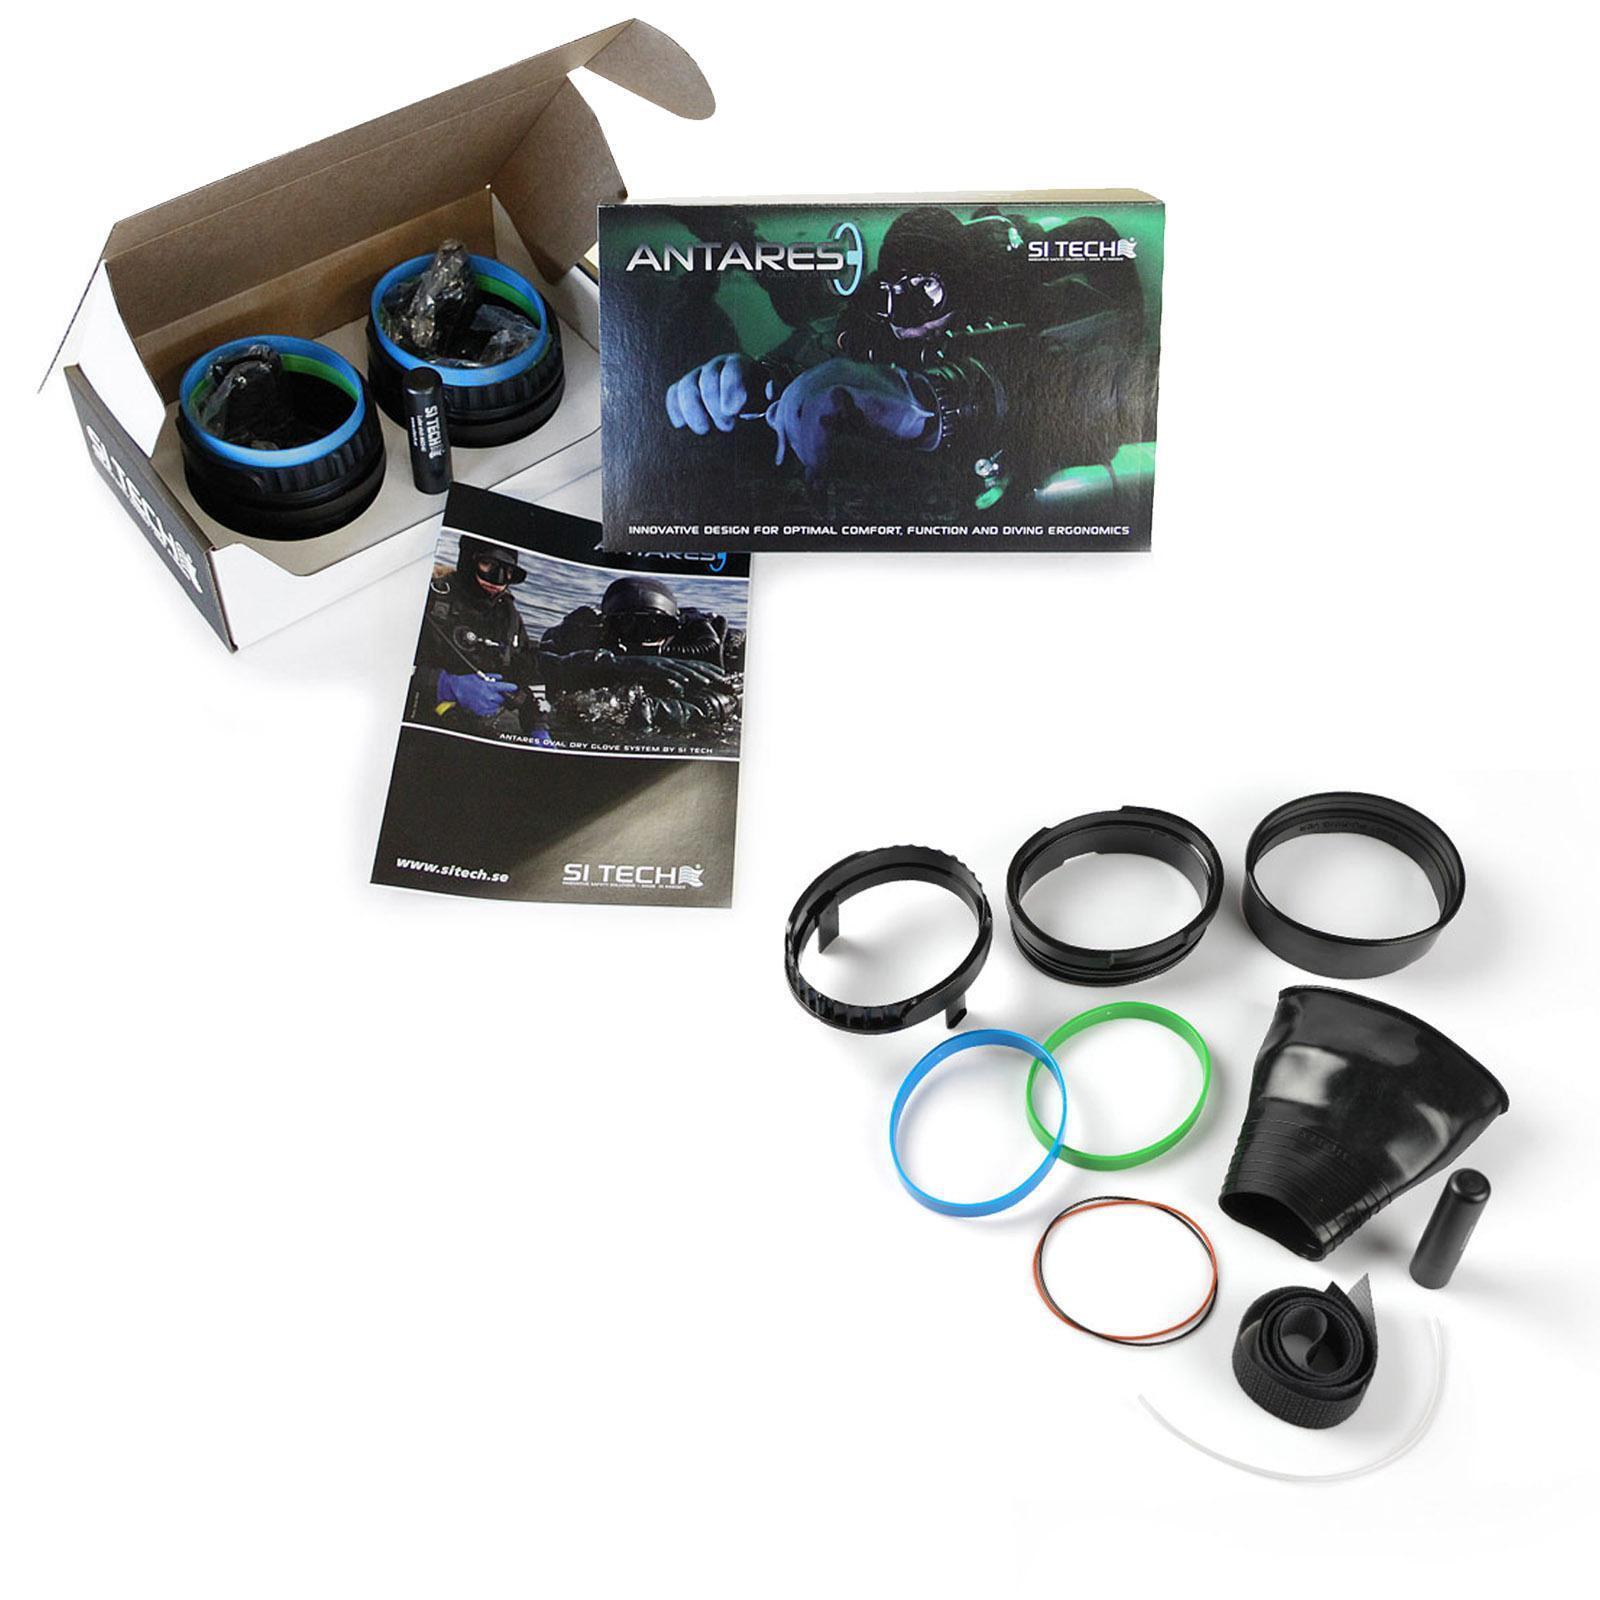 SI TECH TECH TECH Antares - Komplett Ringsystem (Oval ohne Handschuhe) 275efd